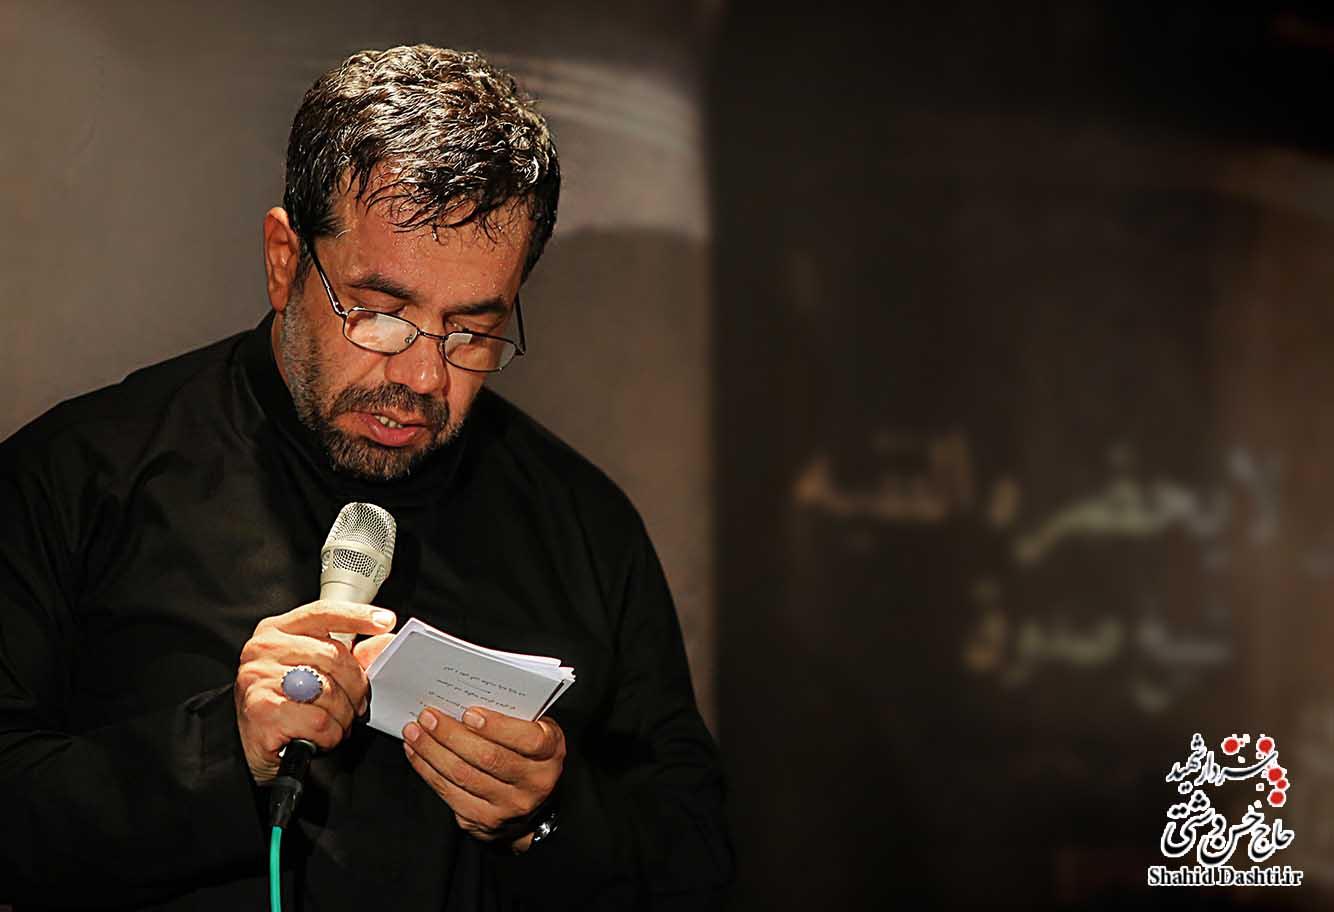 دانلود مراسم شب چهارم محرم ۹۵ محمود کریمی با نام سنگ تو رو به سینه می زنم یا امام حسین